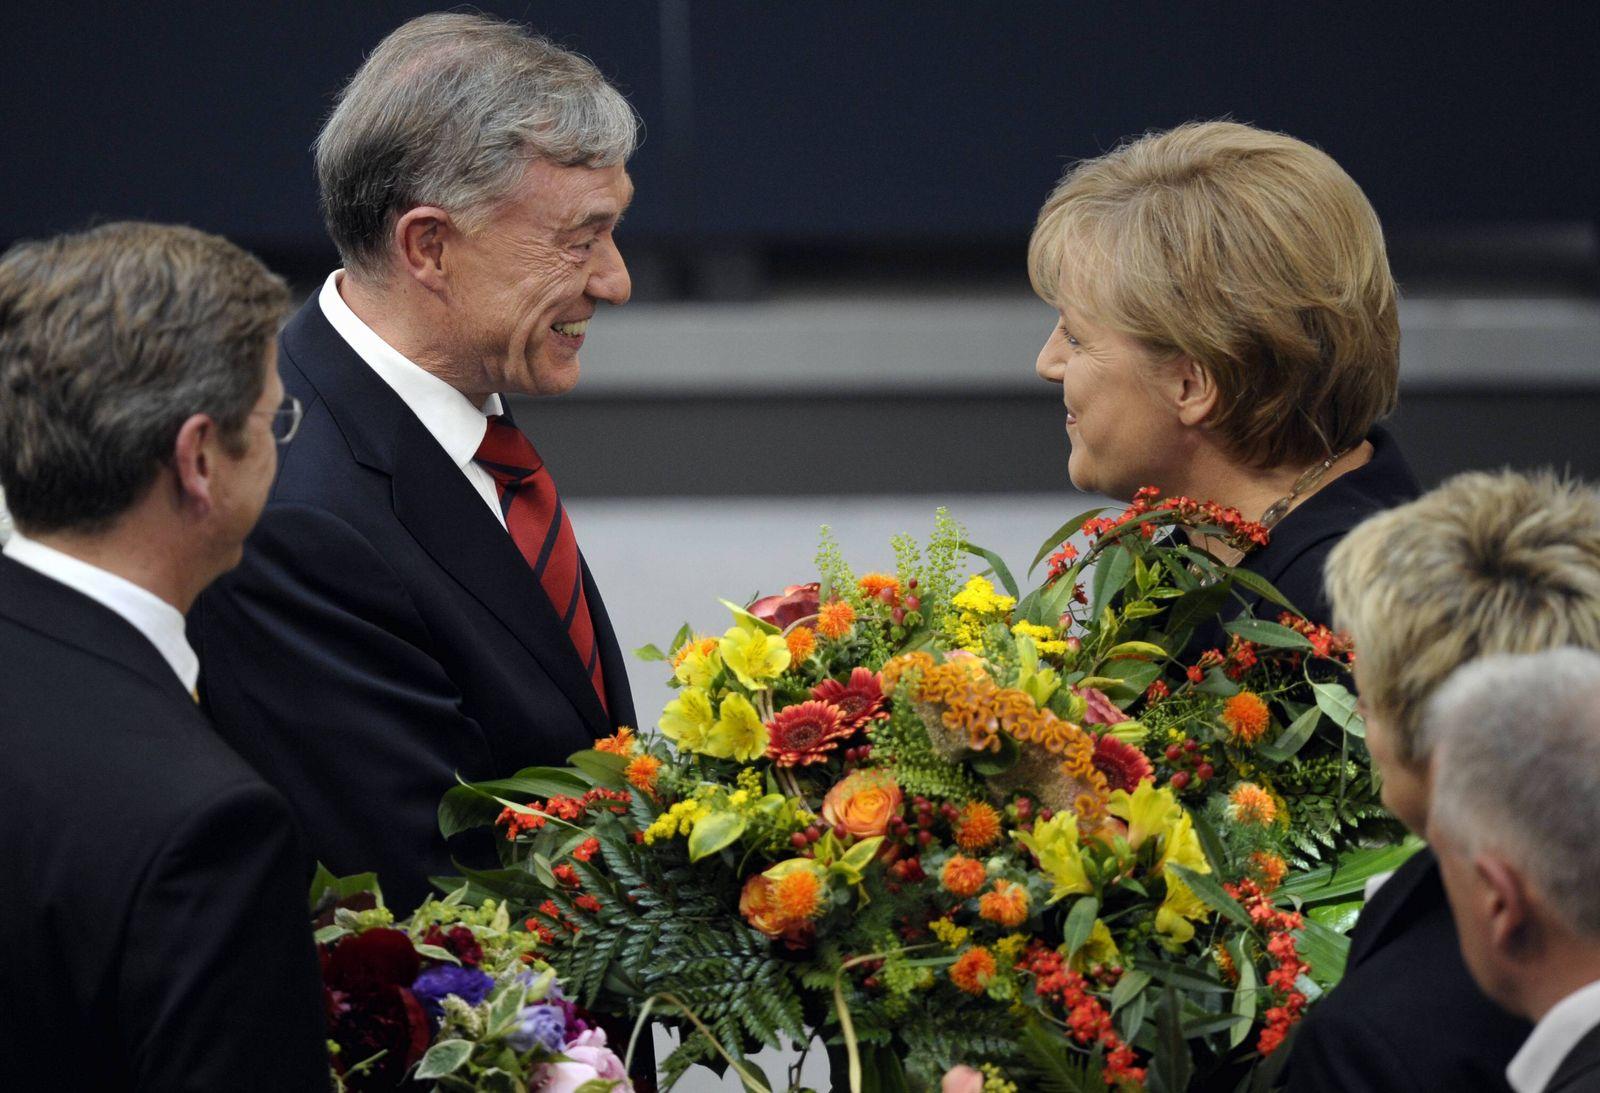 NICHT VERWENDEN Horst Köhler, Wahl zum Bundespräsidenten im Mai 2009